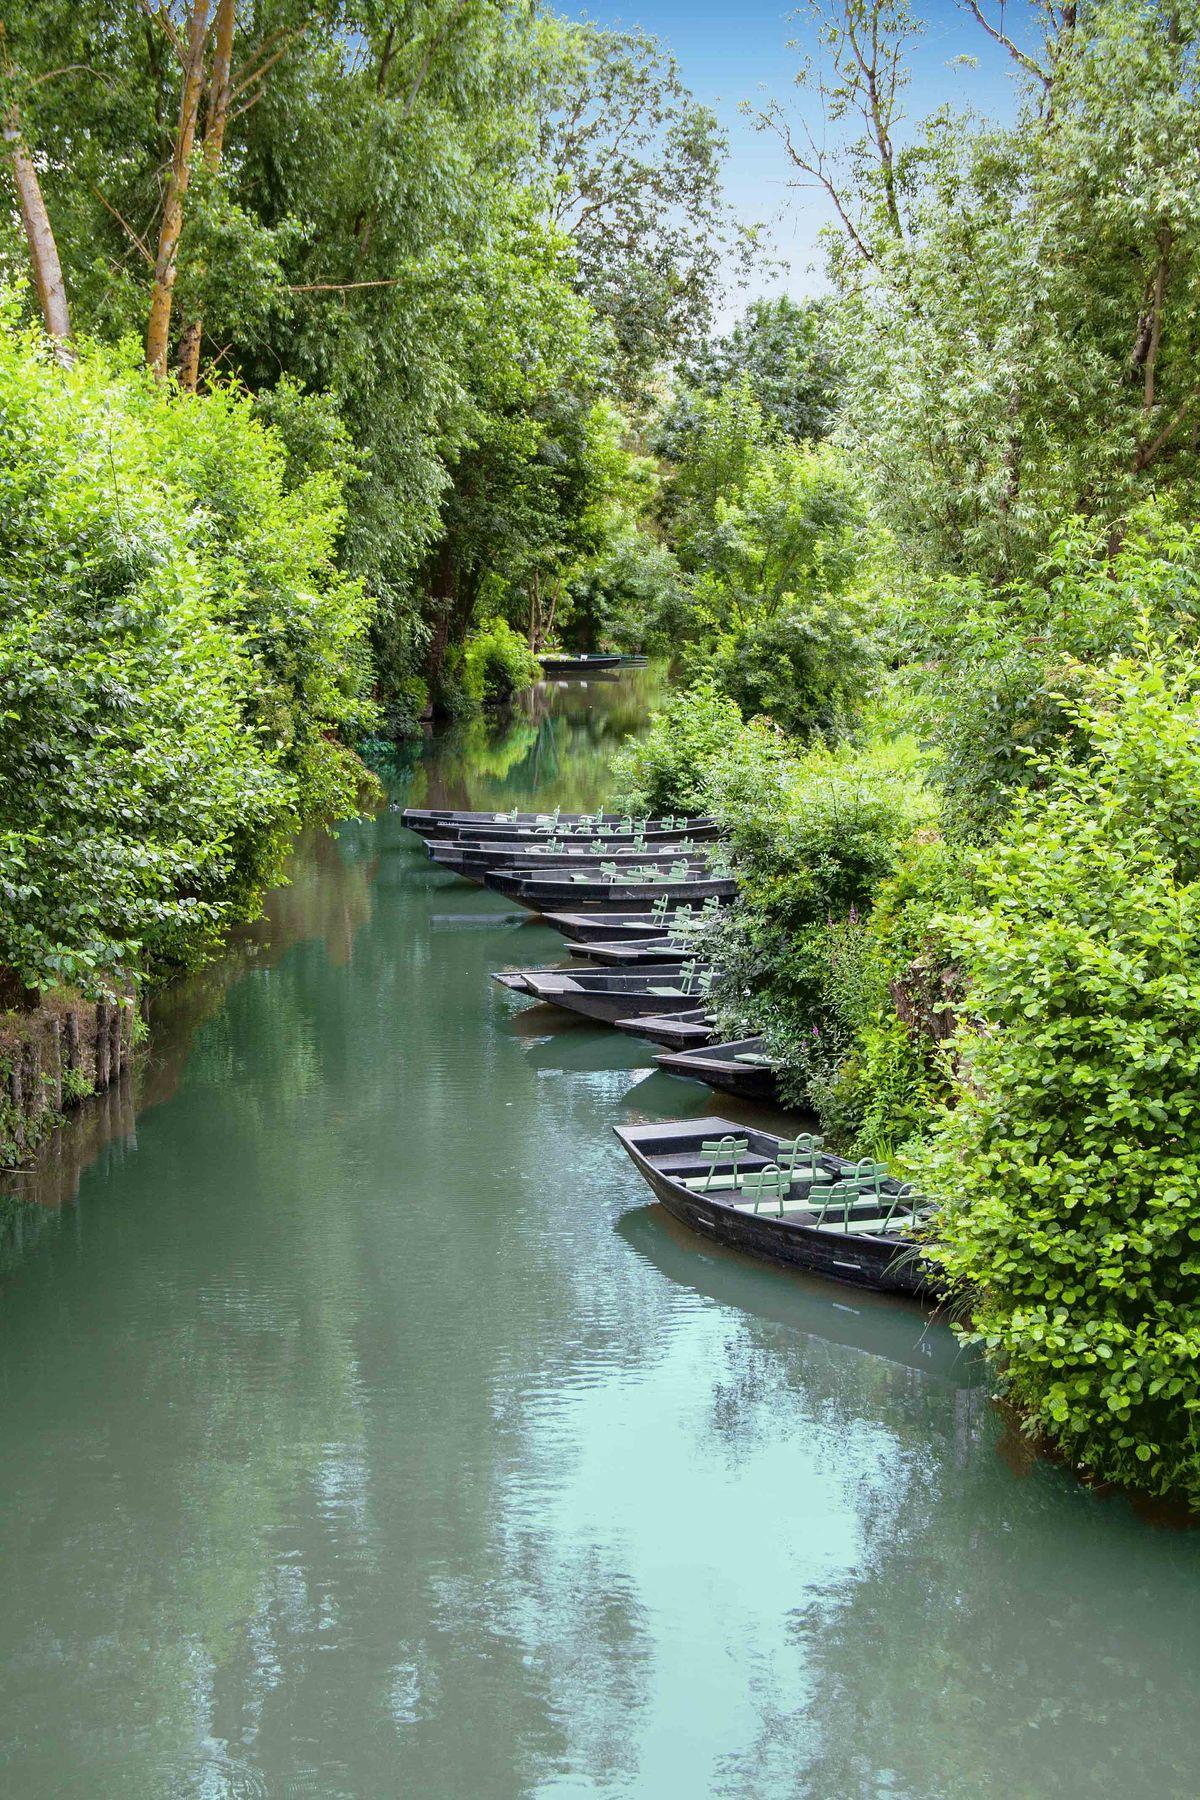 Visiter le Marais poitevin